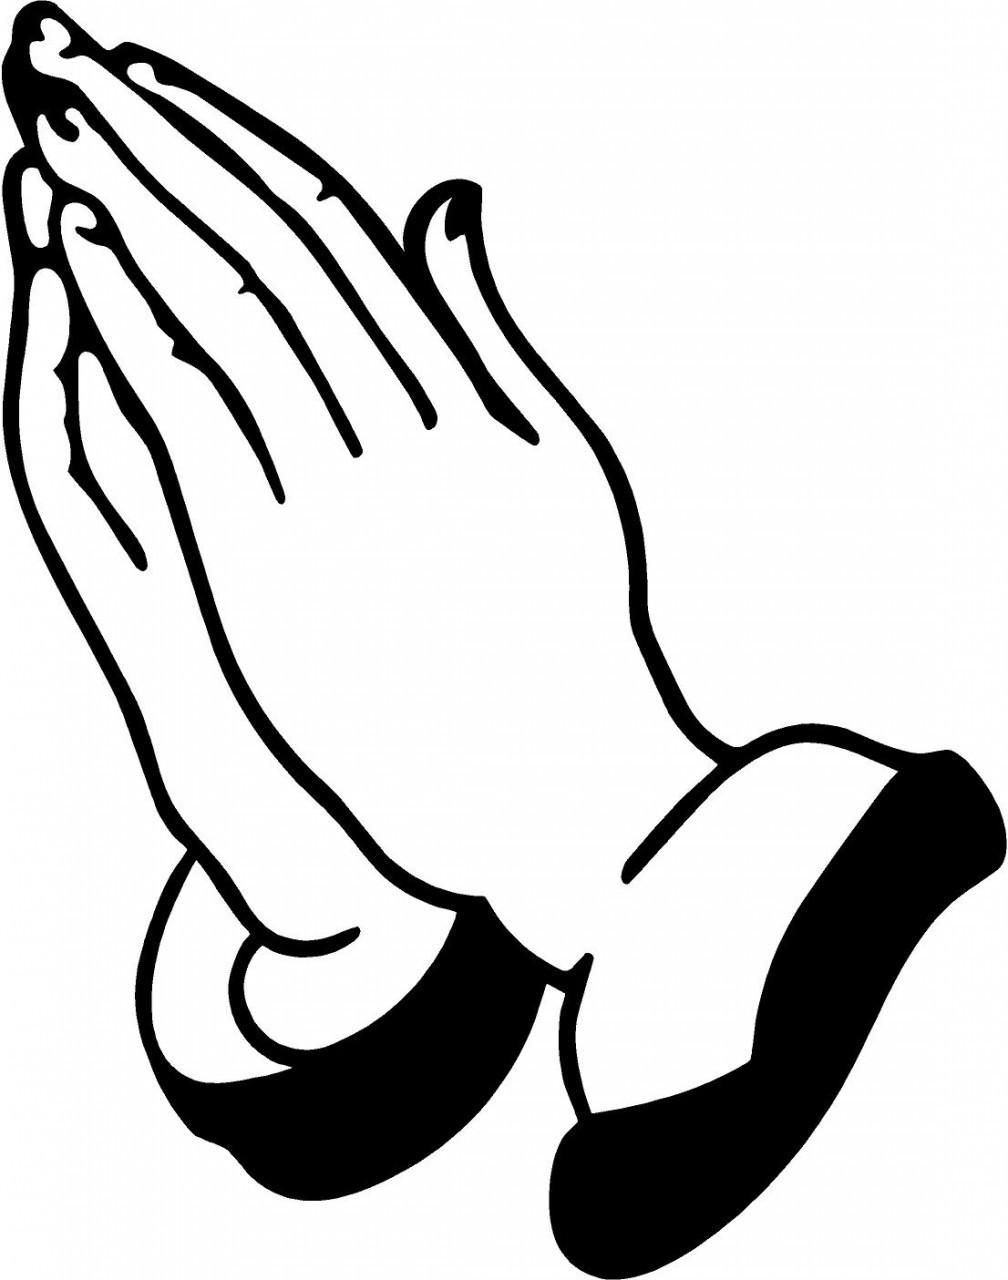 1008x1280 Open Praying Hands Clipart